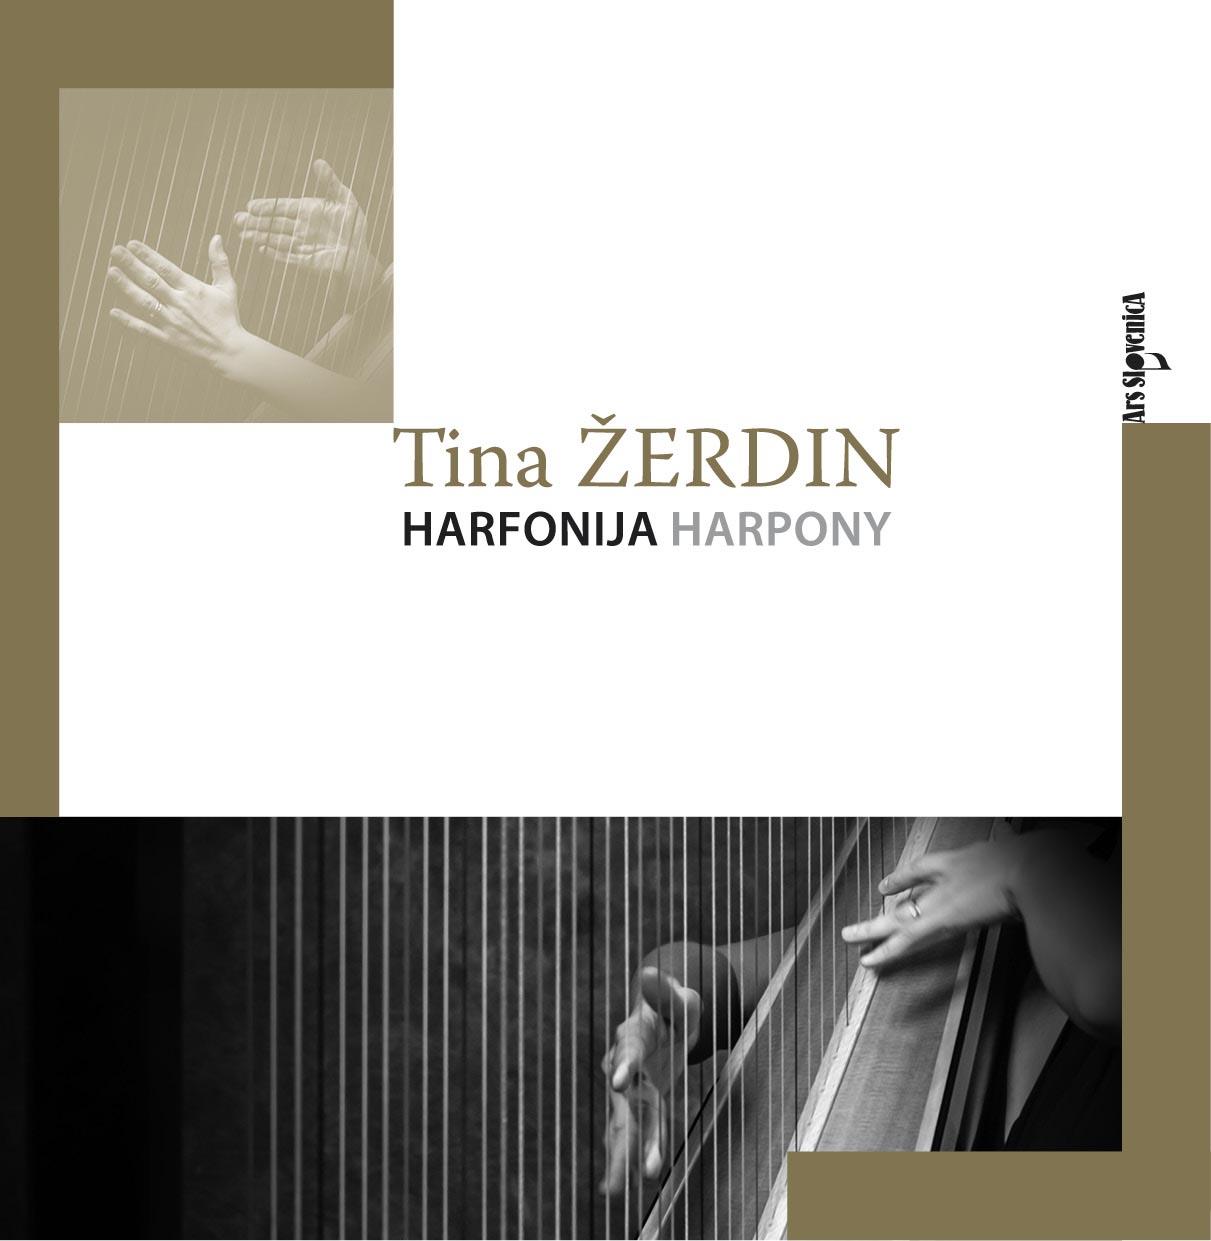 Tina Žerdin: Harfonija (Harpony)